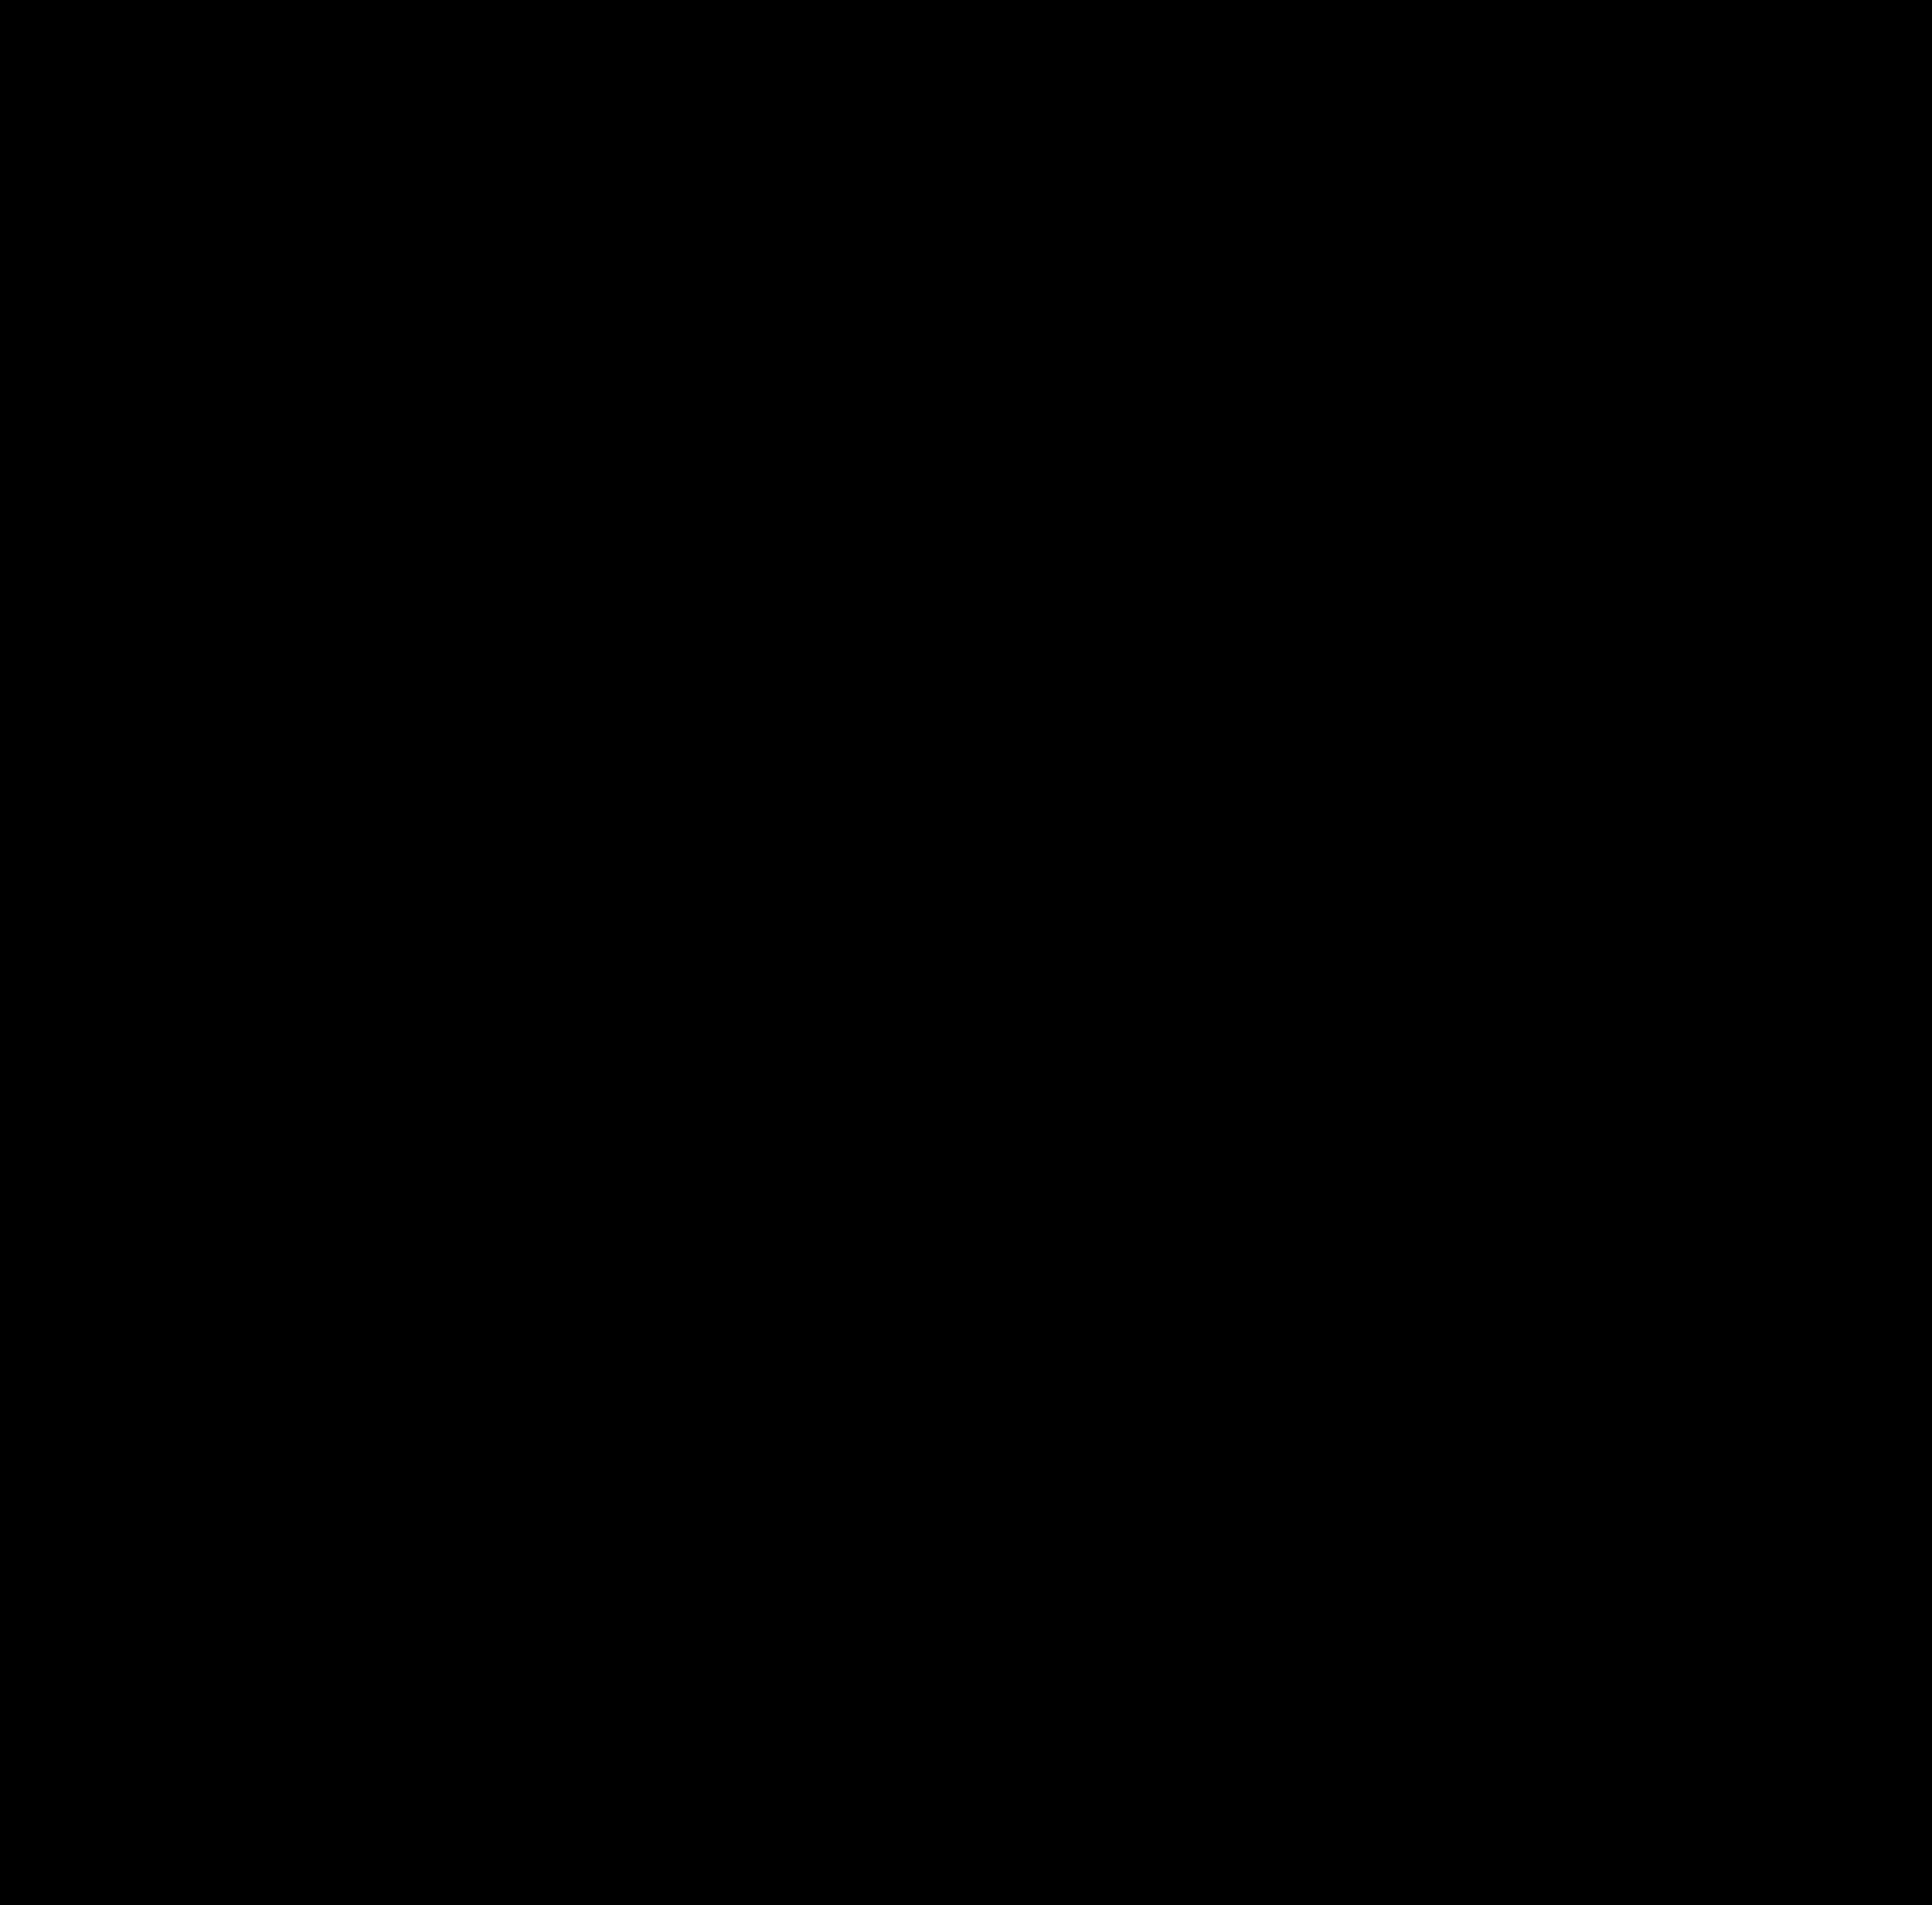 On Prem logo-black.png